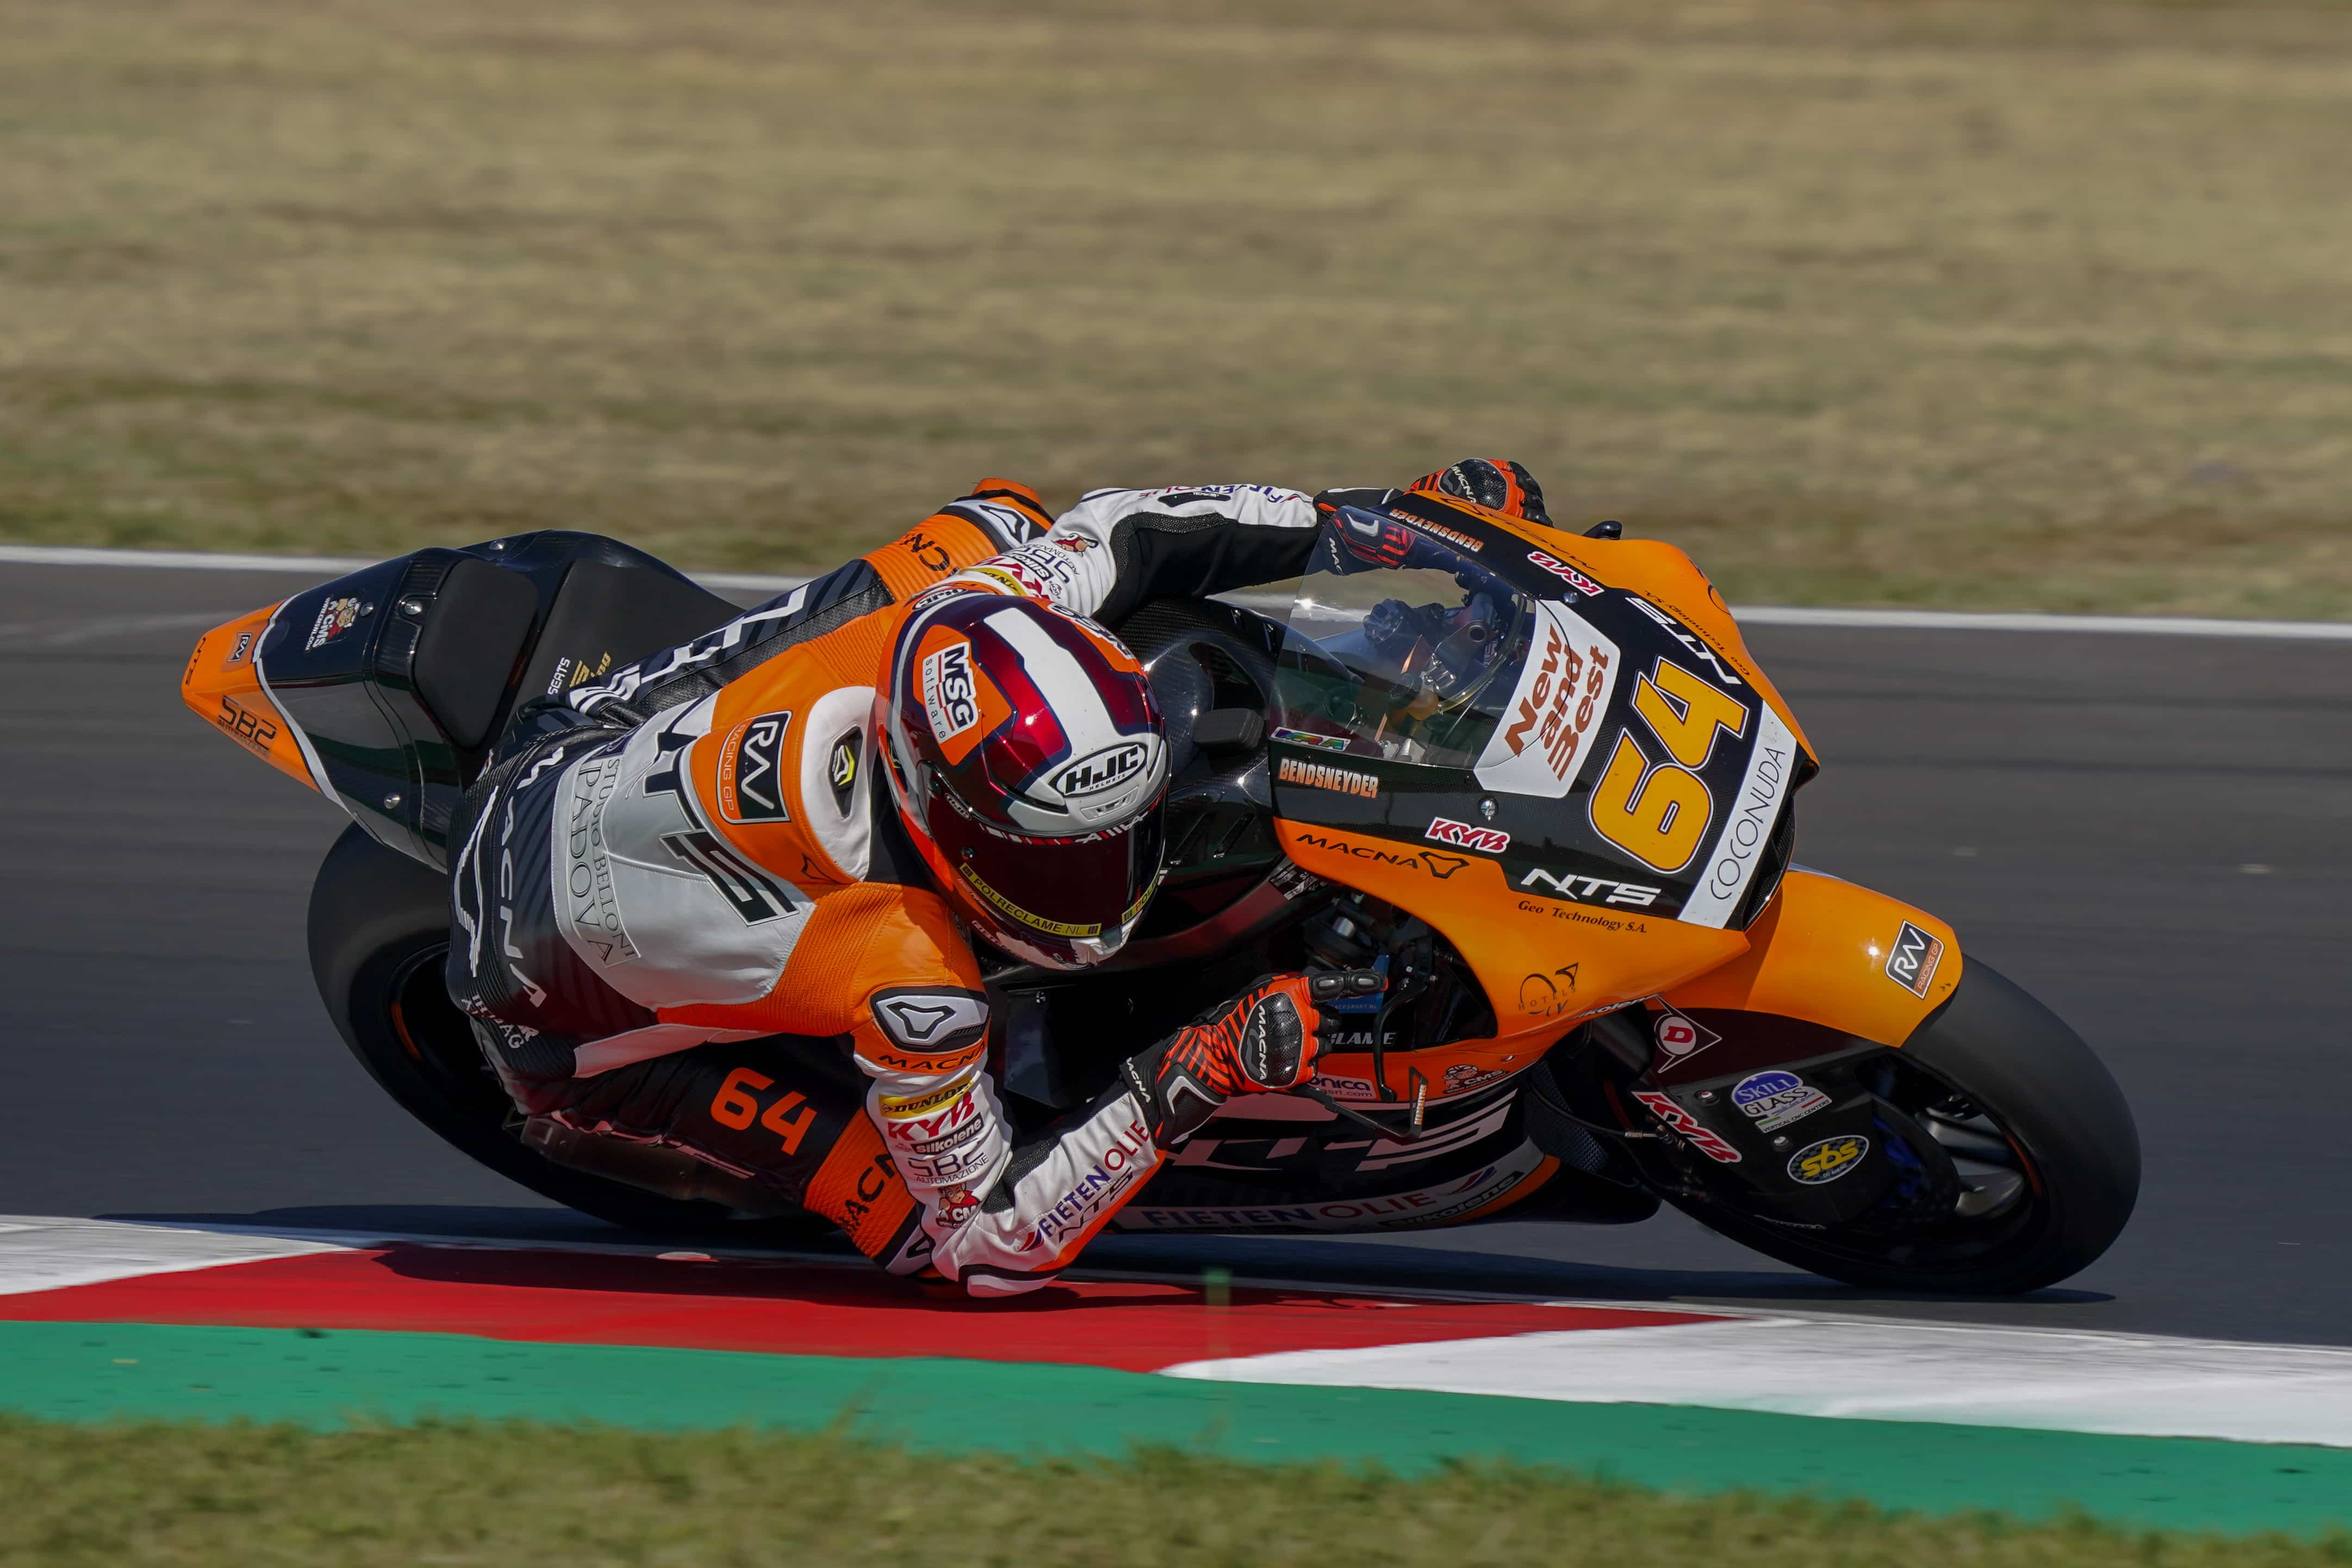 サンマリノGP NTS RW Racing GP 決勝レースレポート